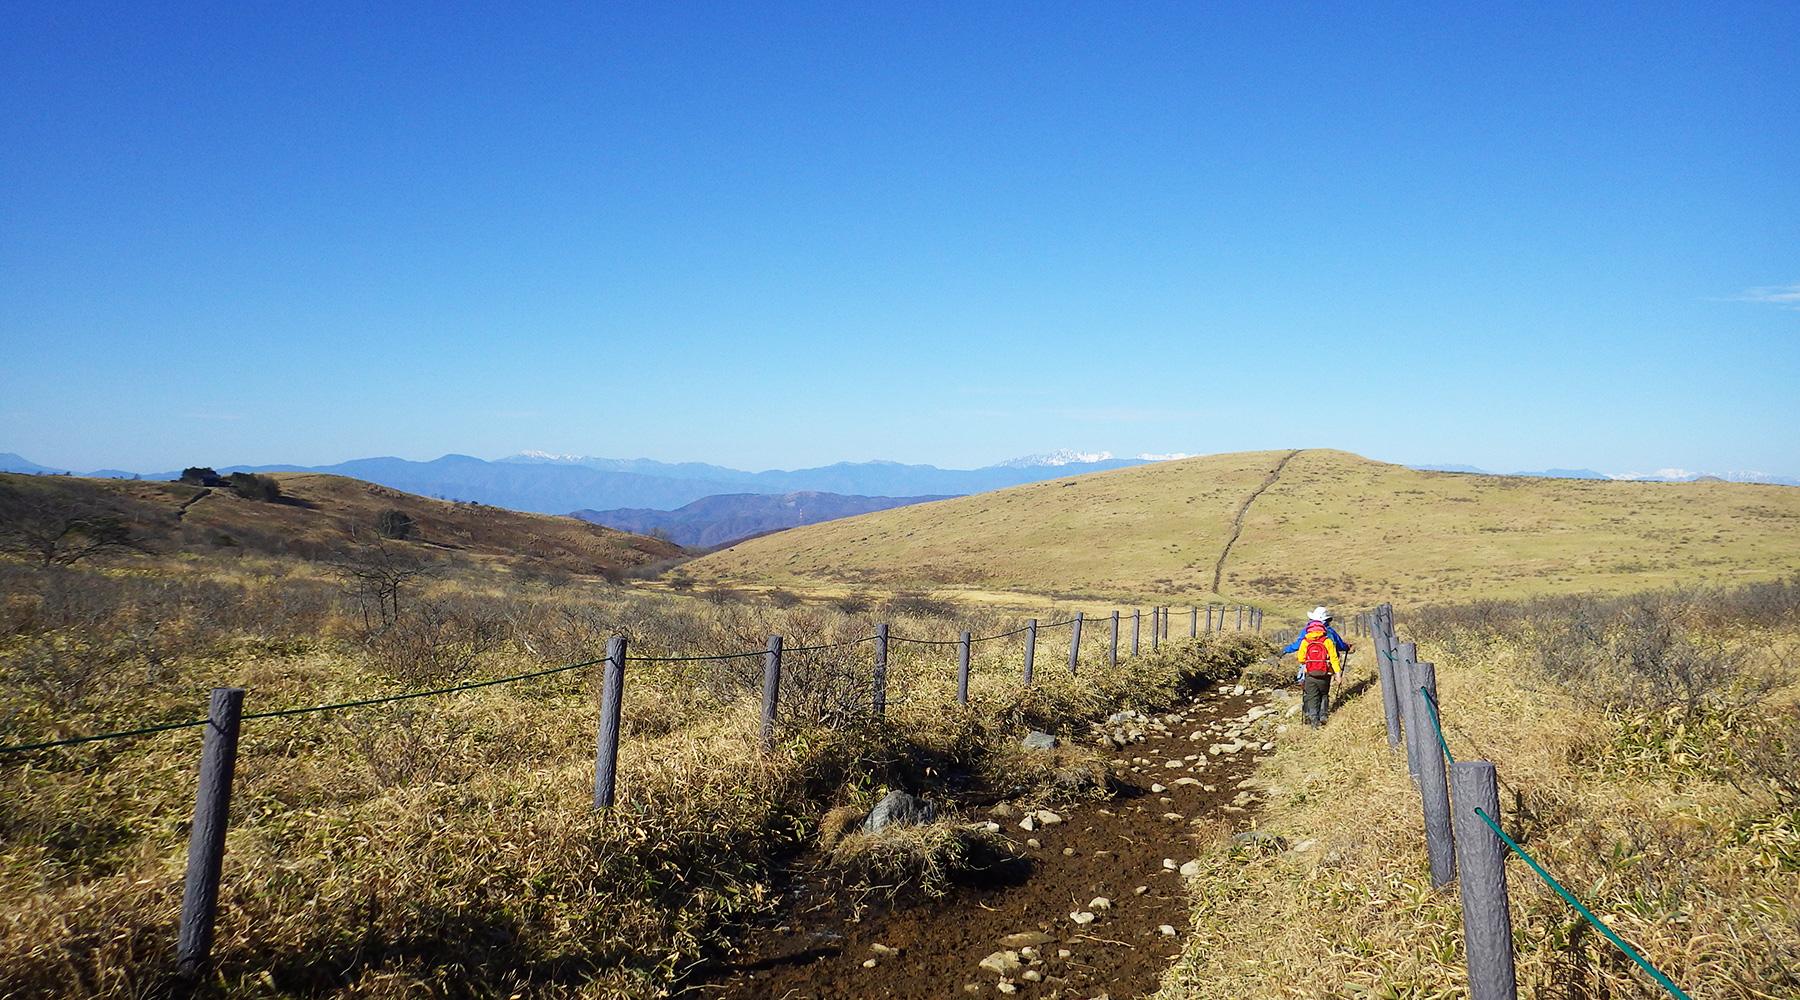 左にコロボックルヒュッテを見ながら蝶々深山へ